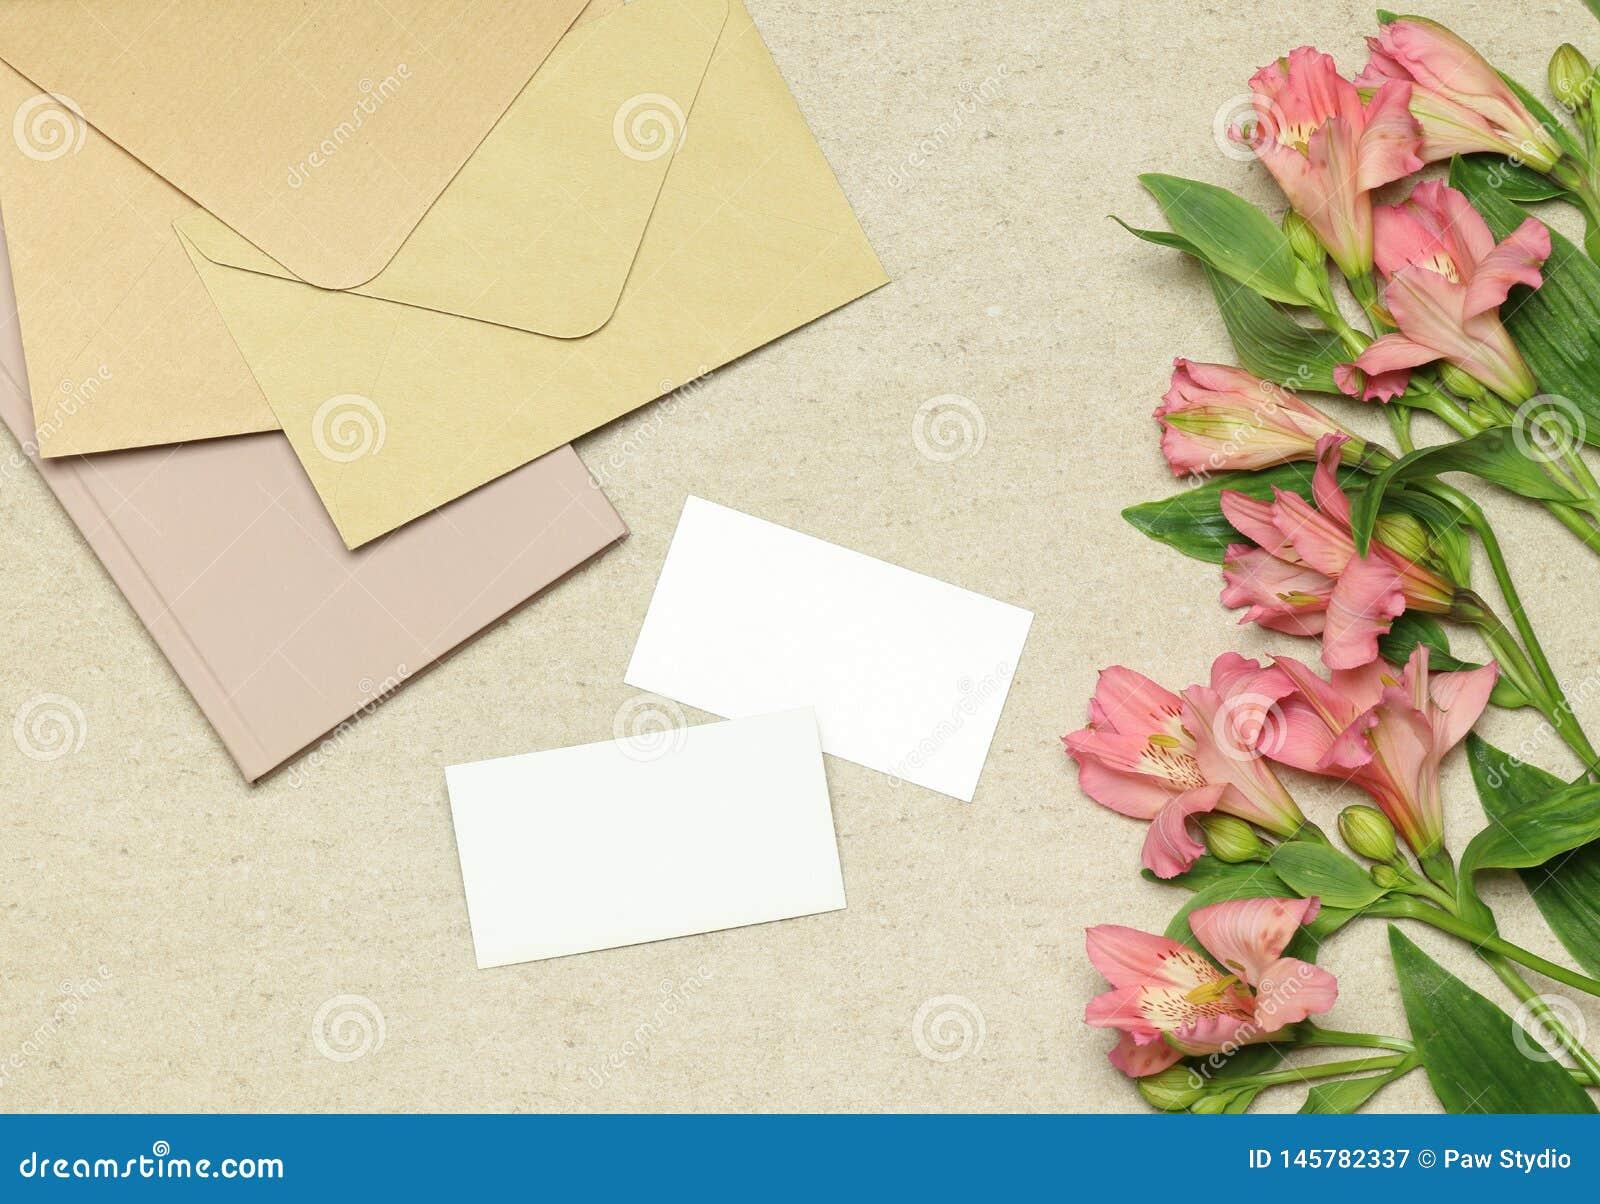 Modeladreskaartje met bloemen, nota s, enveloppen